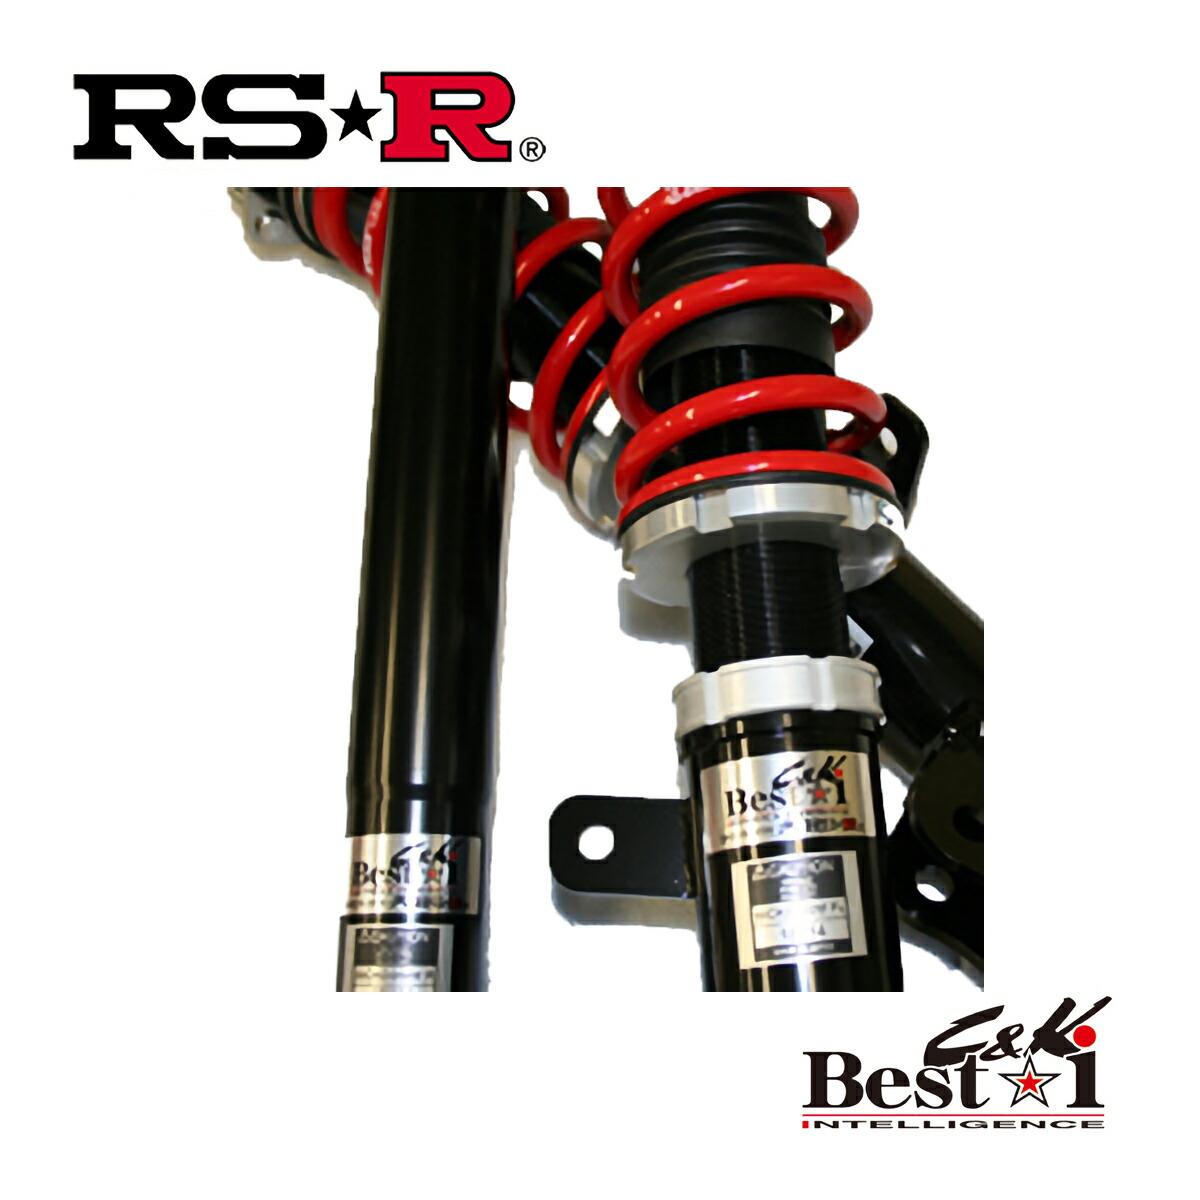 RS-R アトレーワゴン S321G カスタムターボR 車高調 リア車高調整: ネジ式 BICKD122M ベストi C&K RSR 個人宅発送追金有